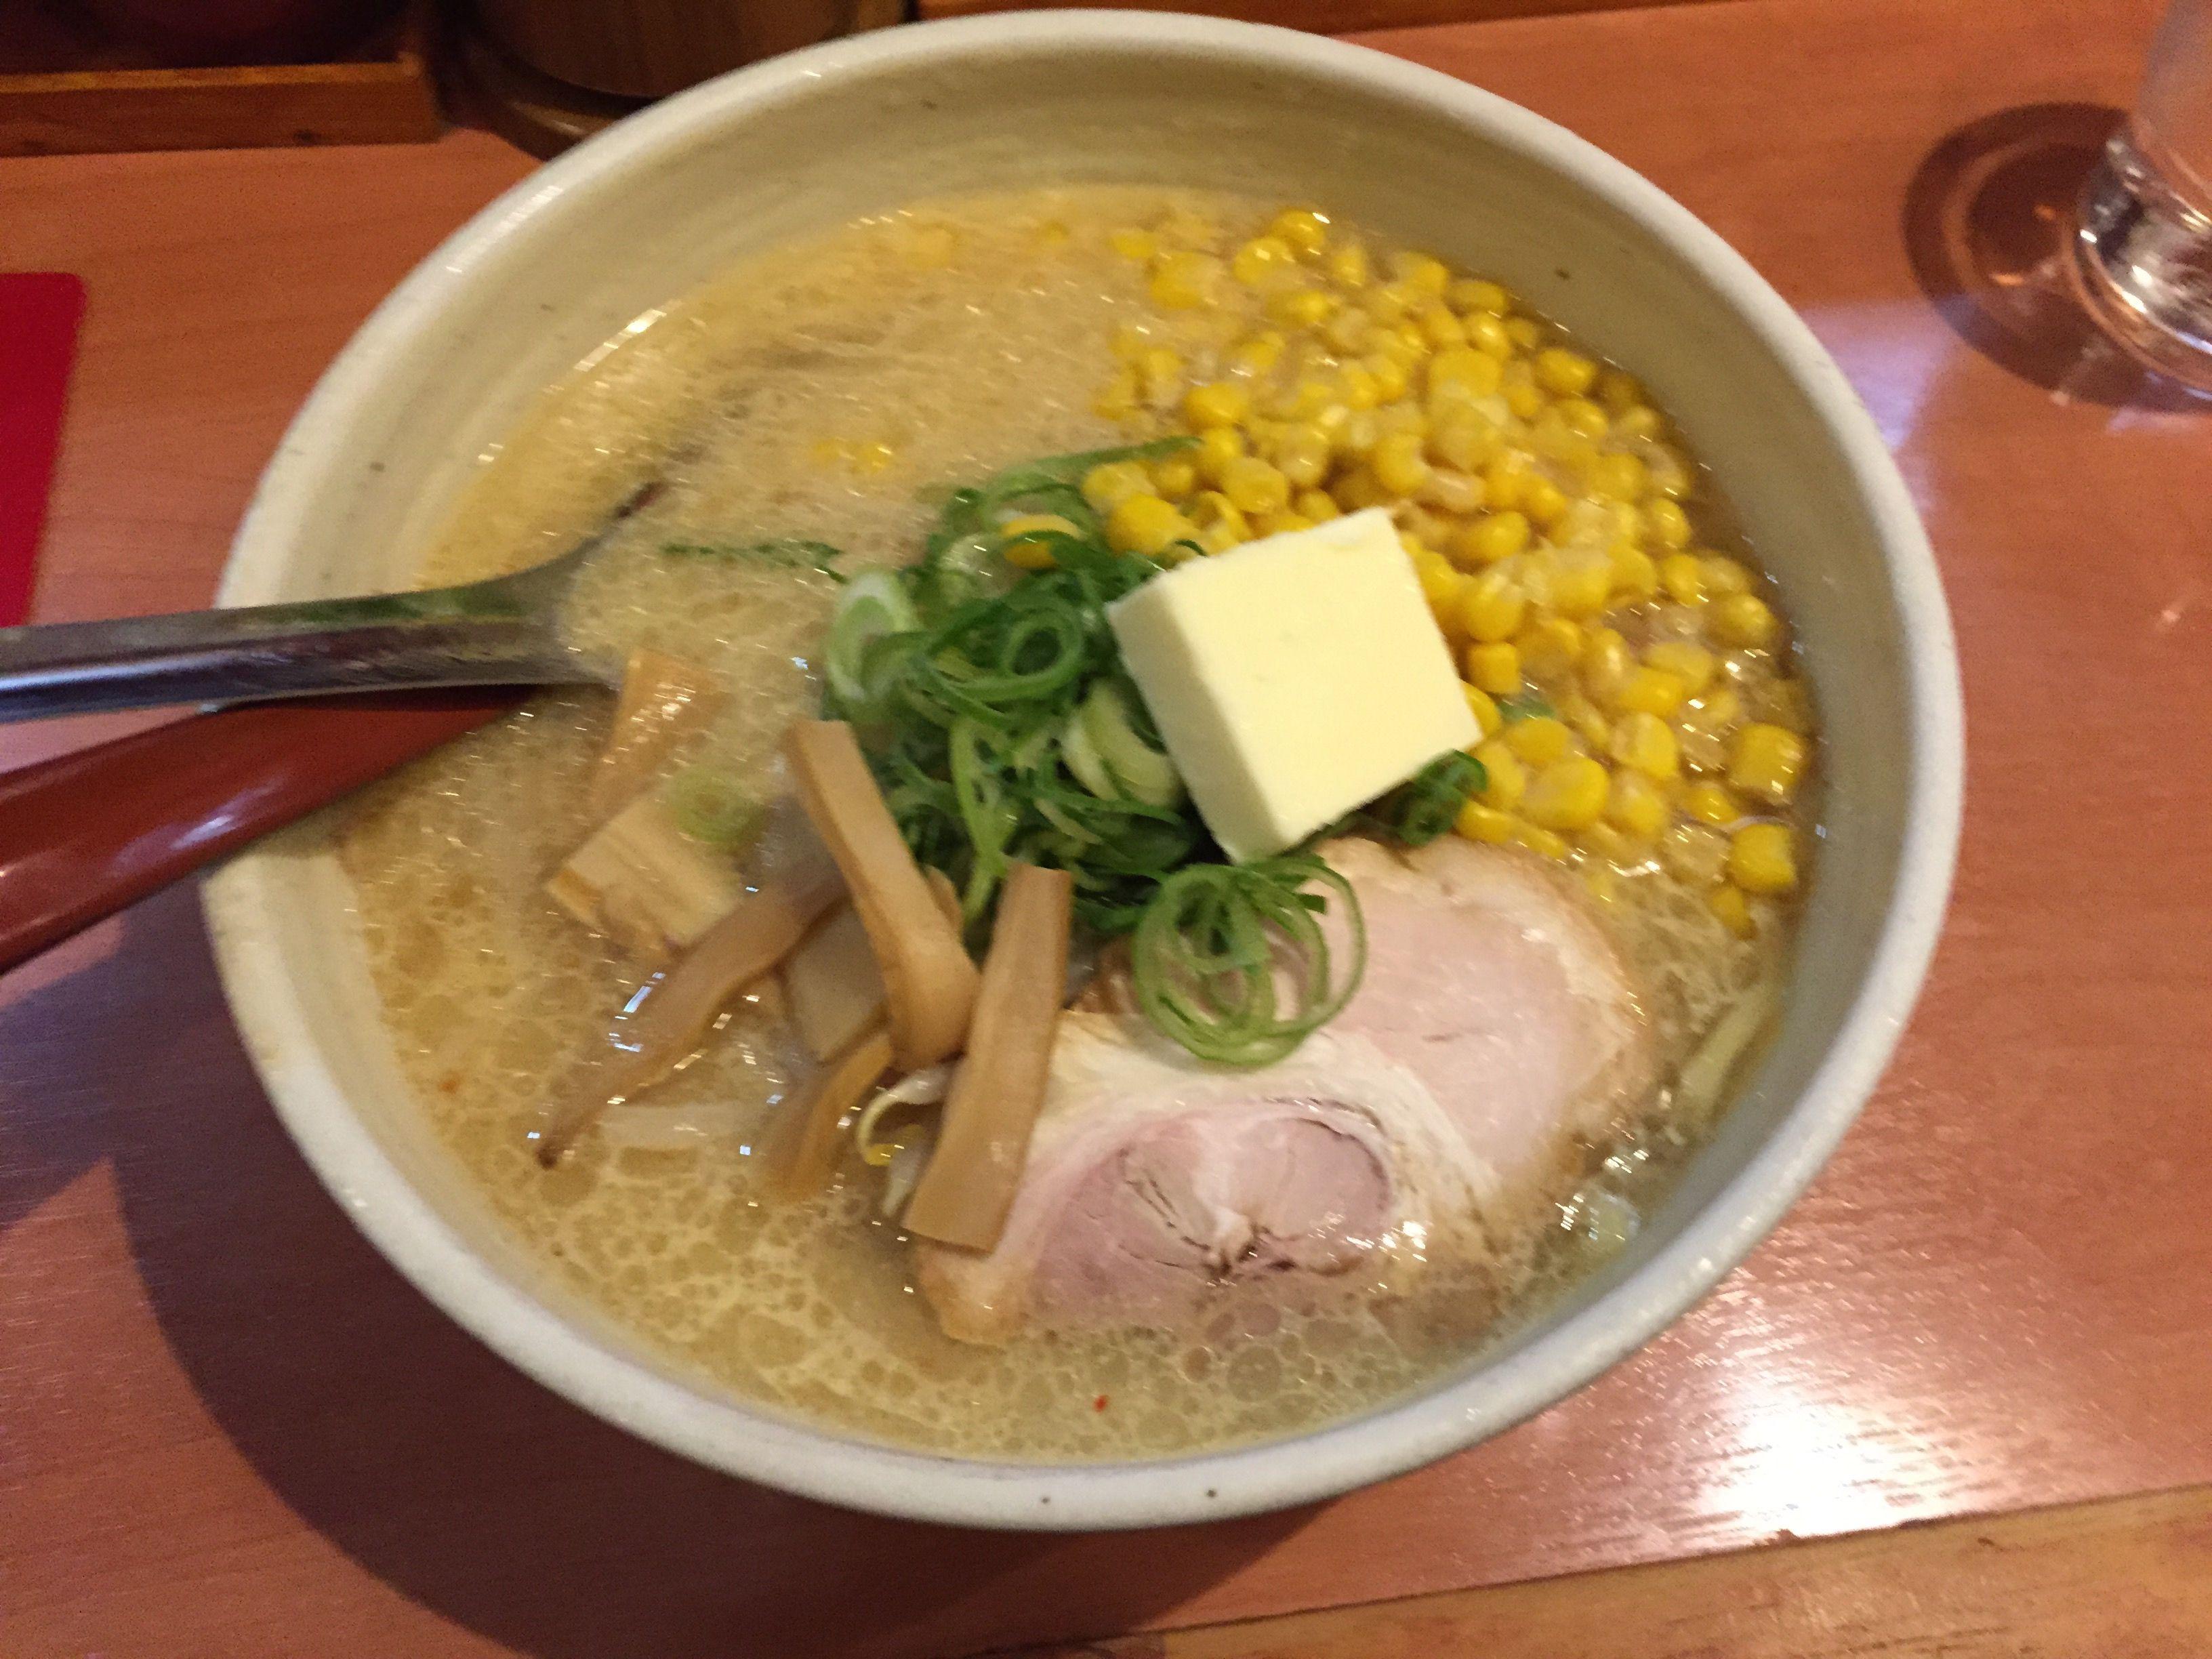 味噌バター©摂理ブログ